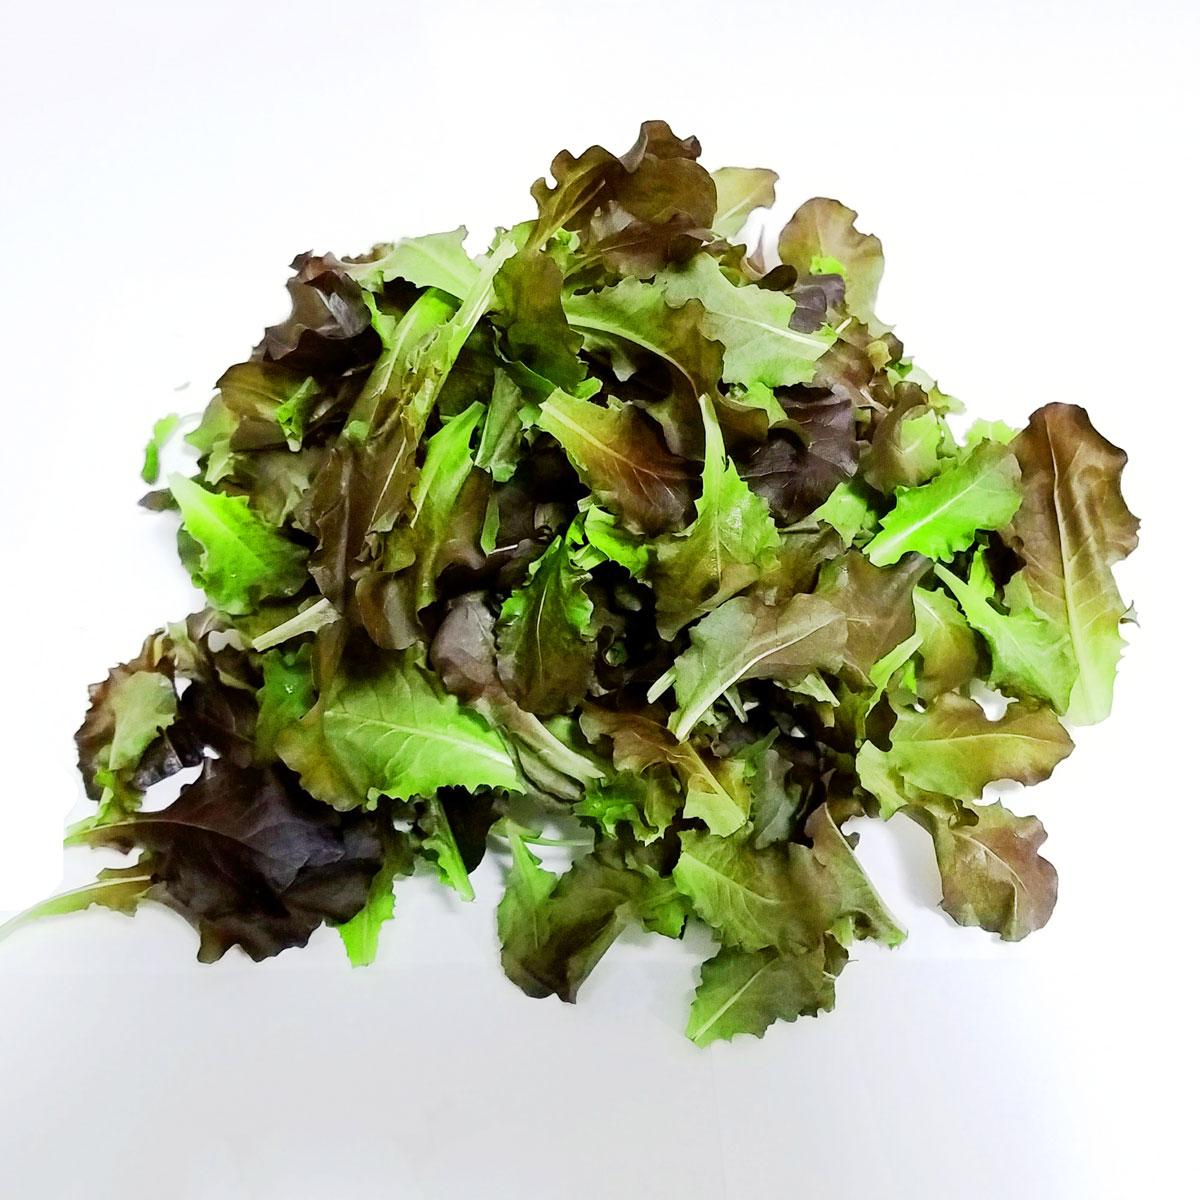 プチ・リーフ≪レッドサラダ≫ 50g(たっぷりサイズ) [有]